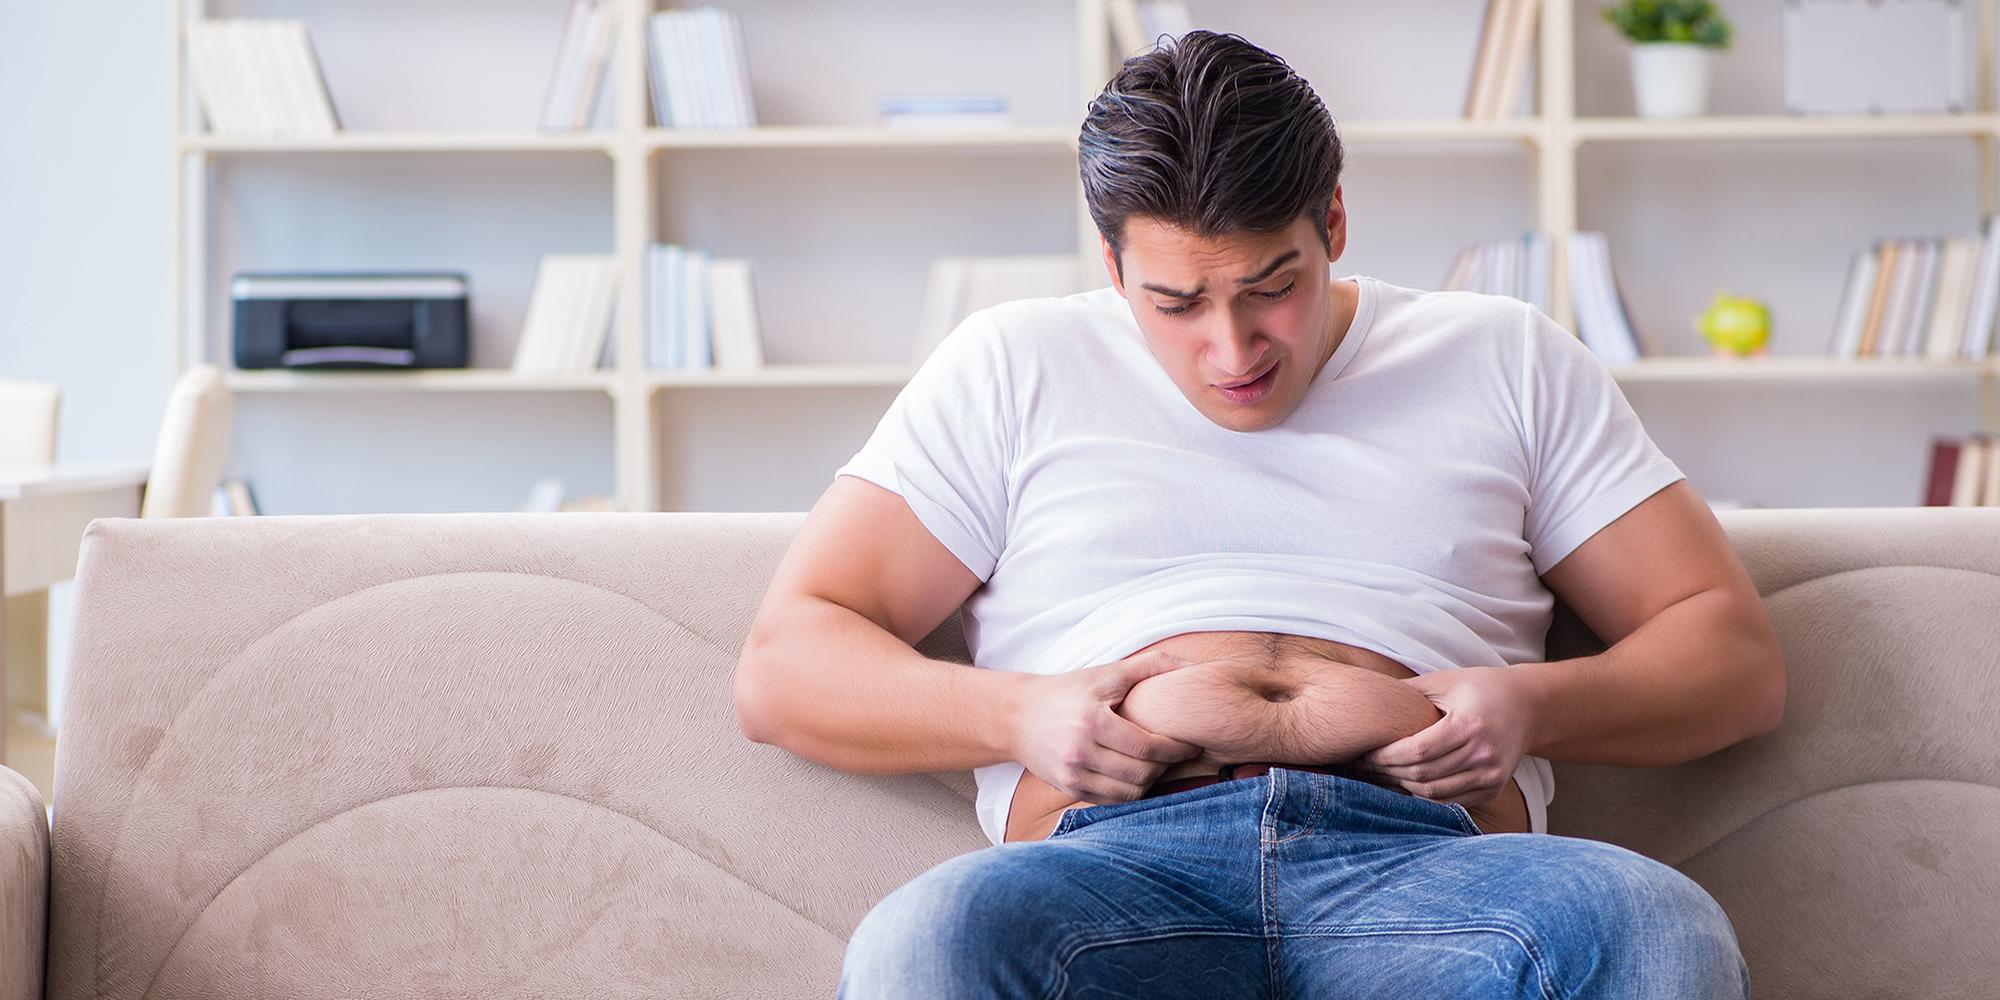 Nem fért be a körhintába a túlsúlyos férfi, ezért lefogyott 92 kilót | abisa.hu